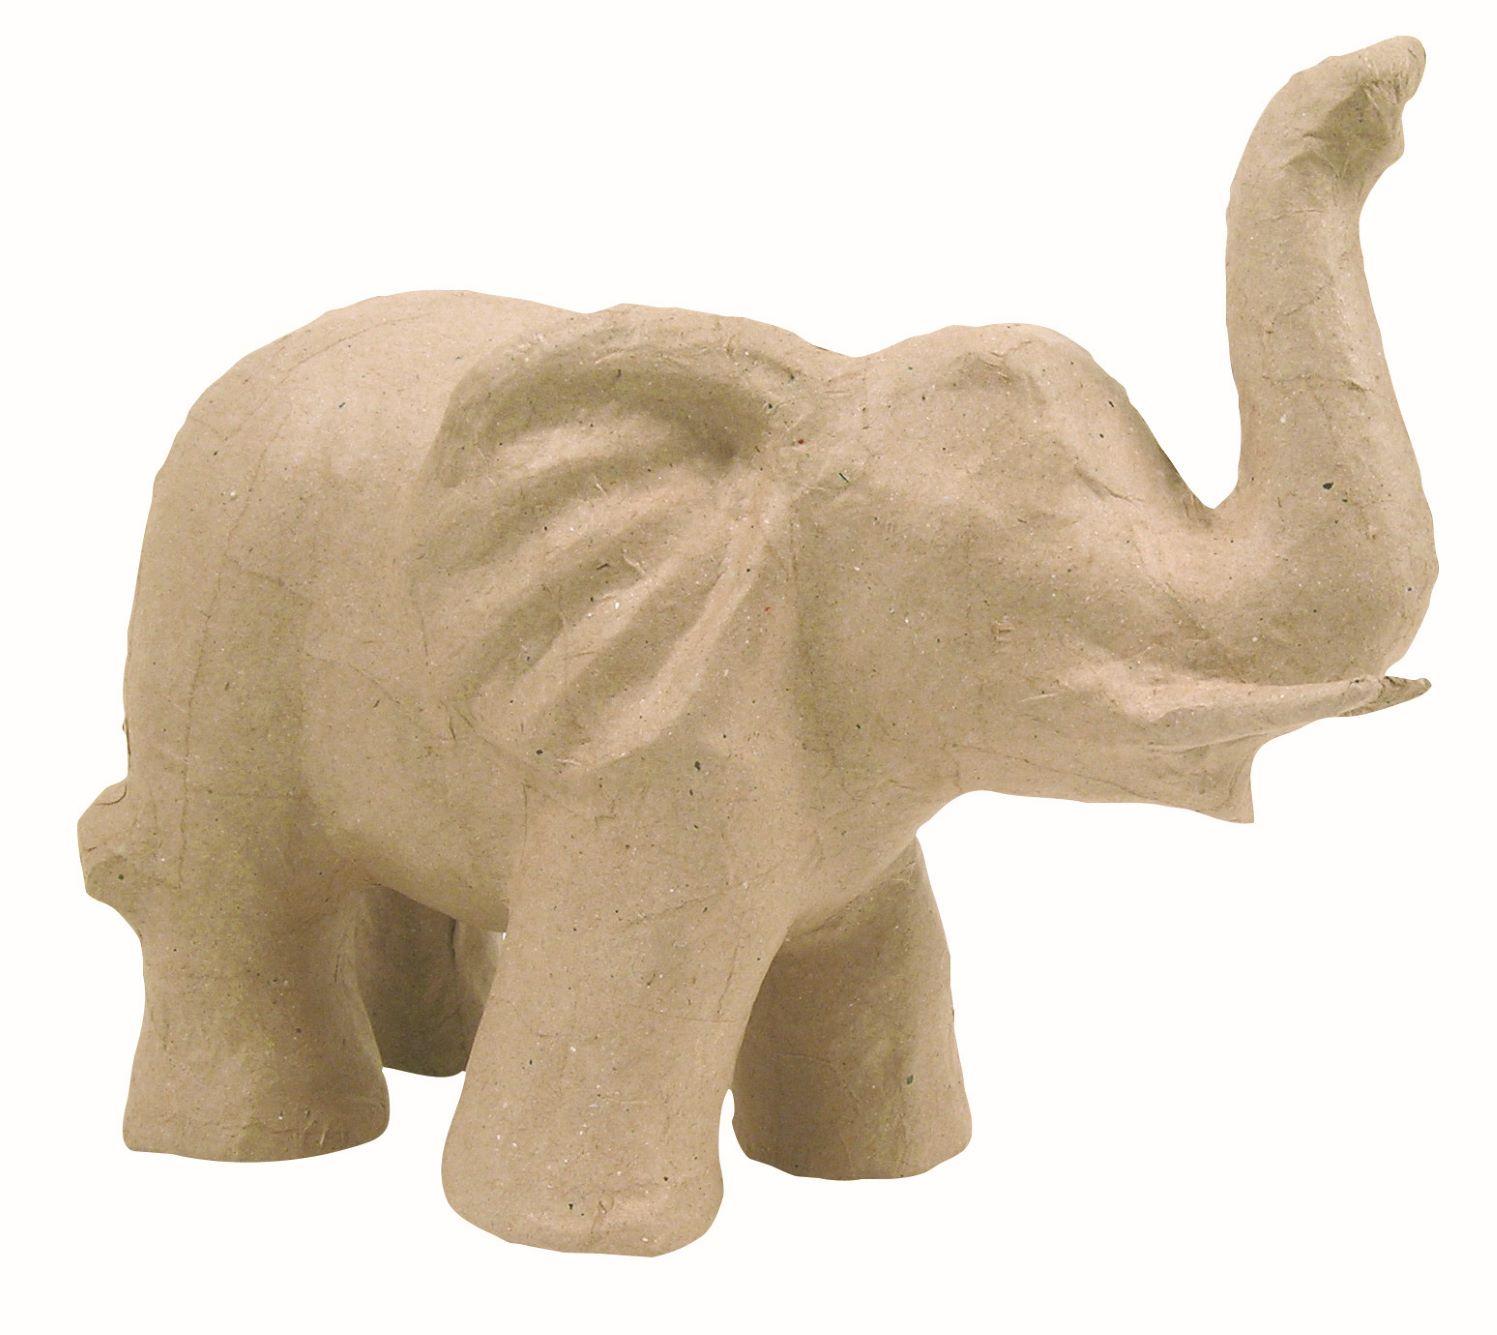 Eléphant - Support en papier mâché